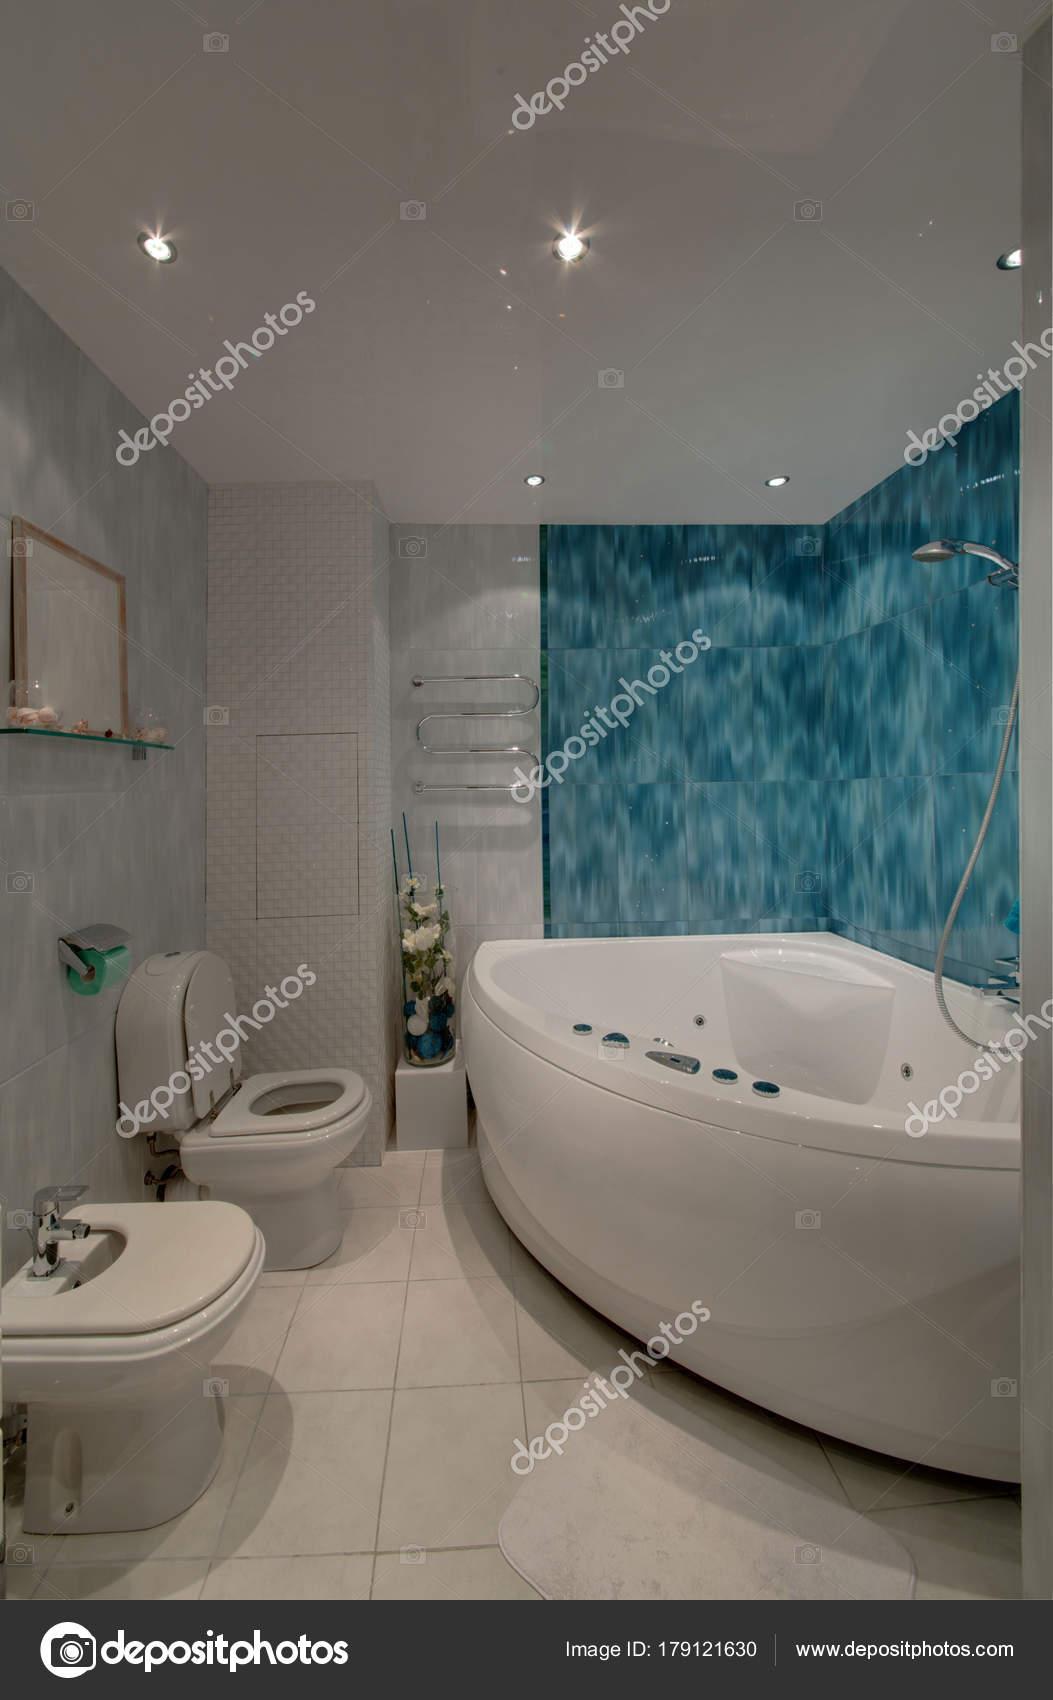 Whirlpool Badezimmer | Ein Badezimmer Mit Whirlpool Und Bidet Mit Farbe Wande Und